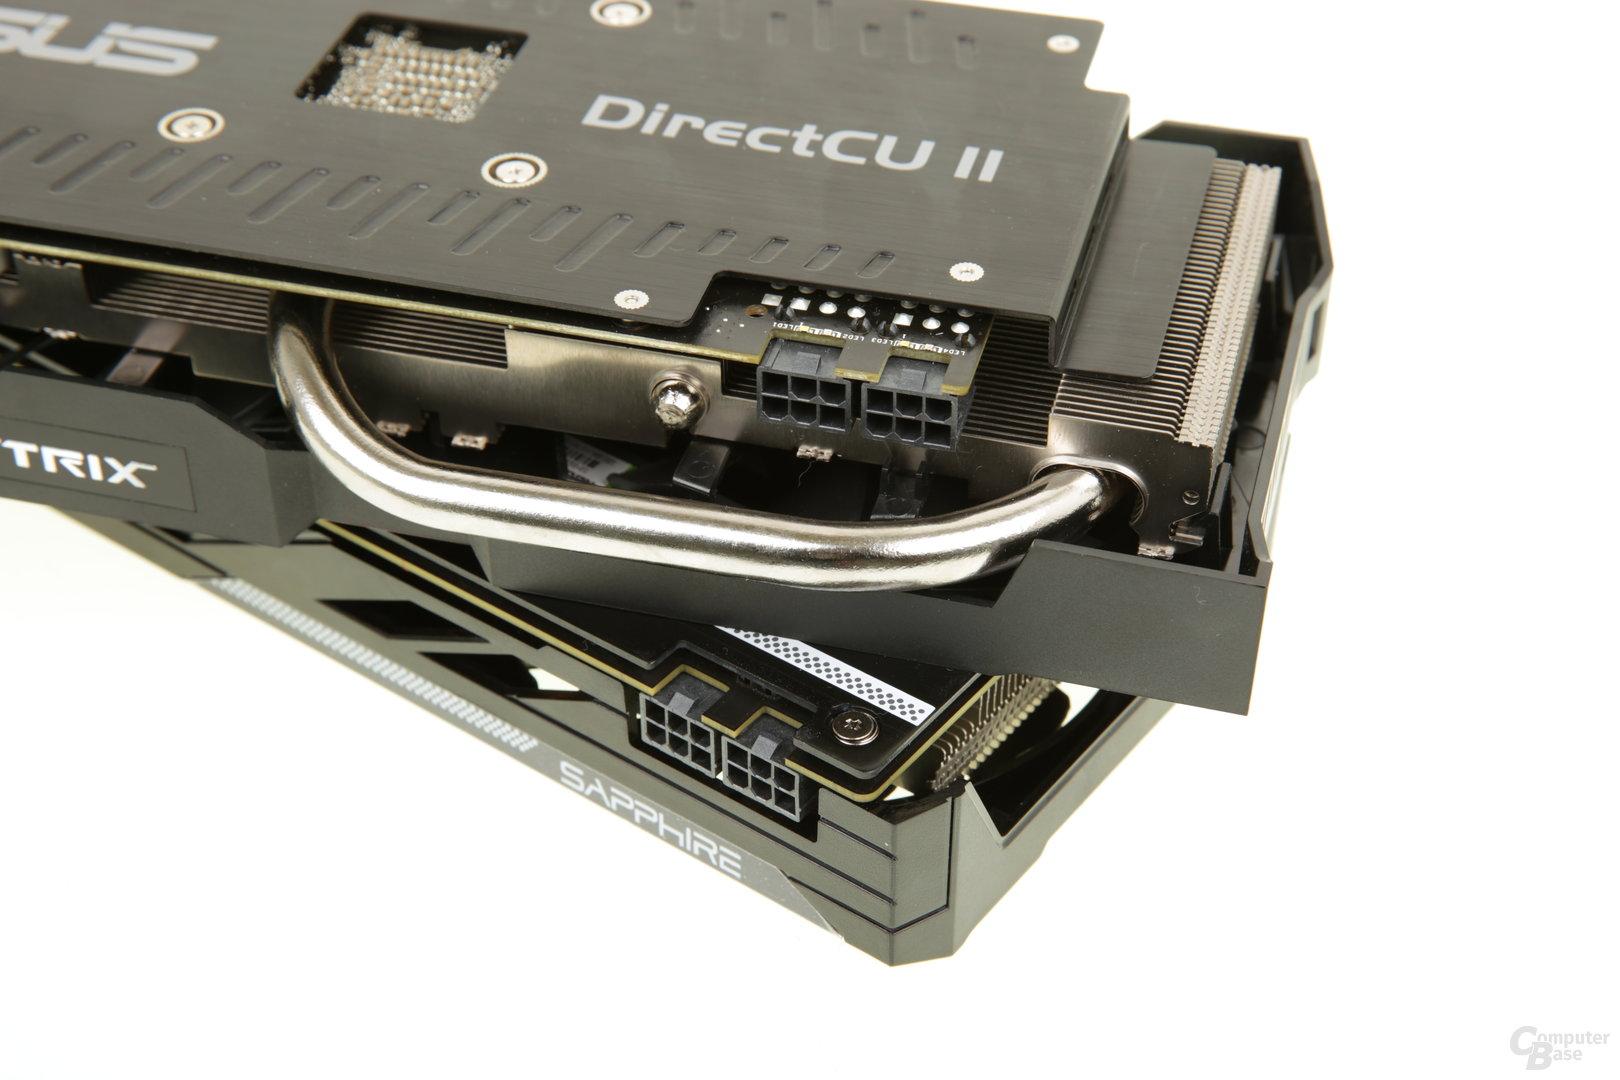 Beide Grafikkarten setzen auf zwei 6-Pin-PCIe-Stecker